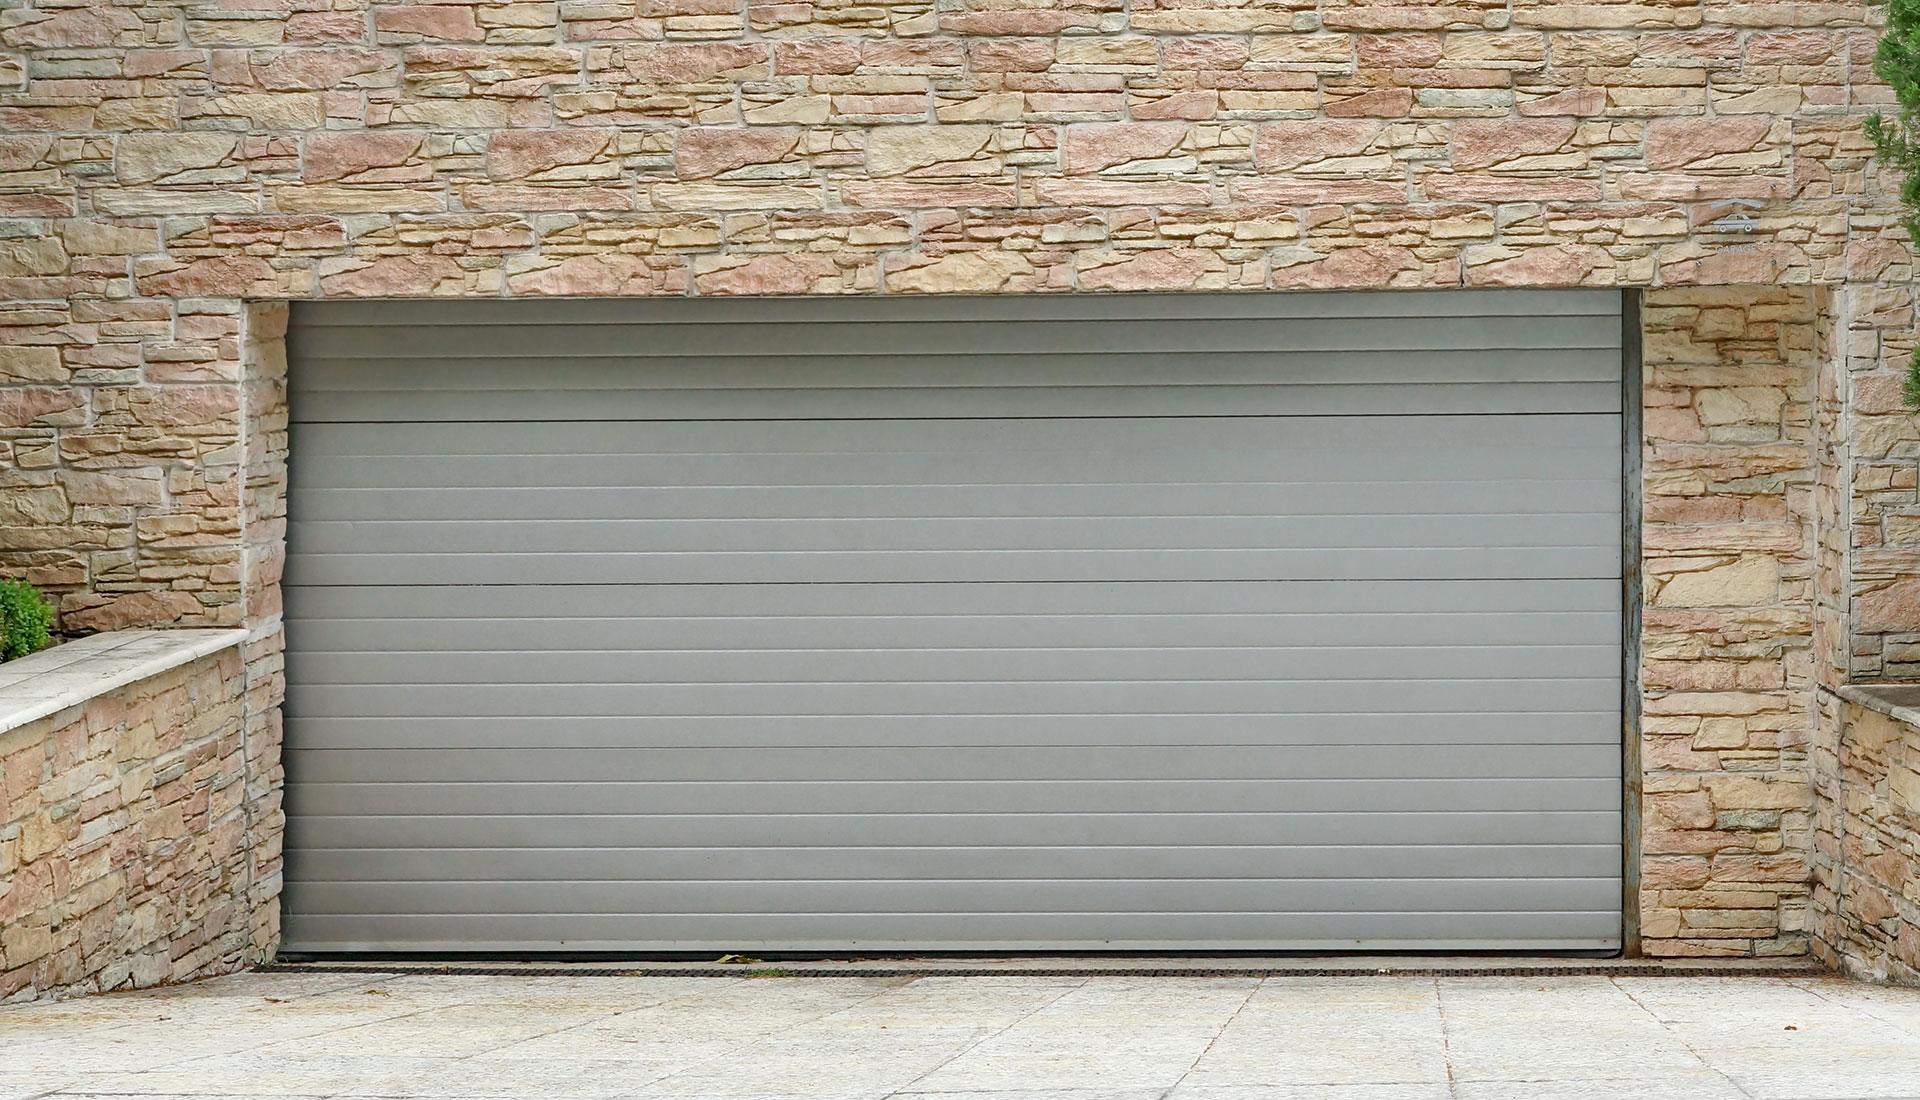 vendita porte basculanti per garage auto a Lissone Monza e Brianza